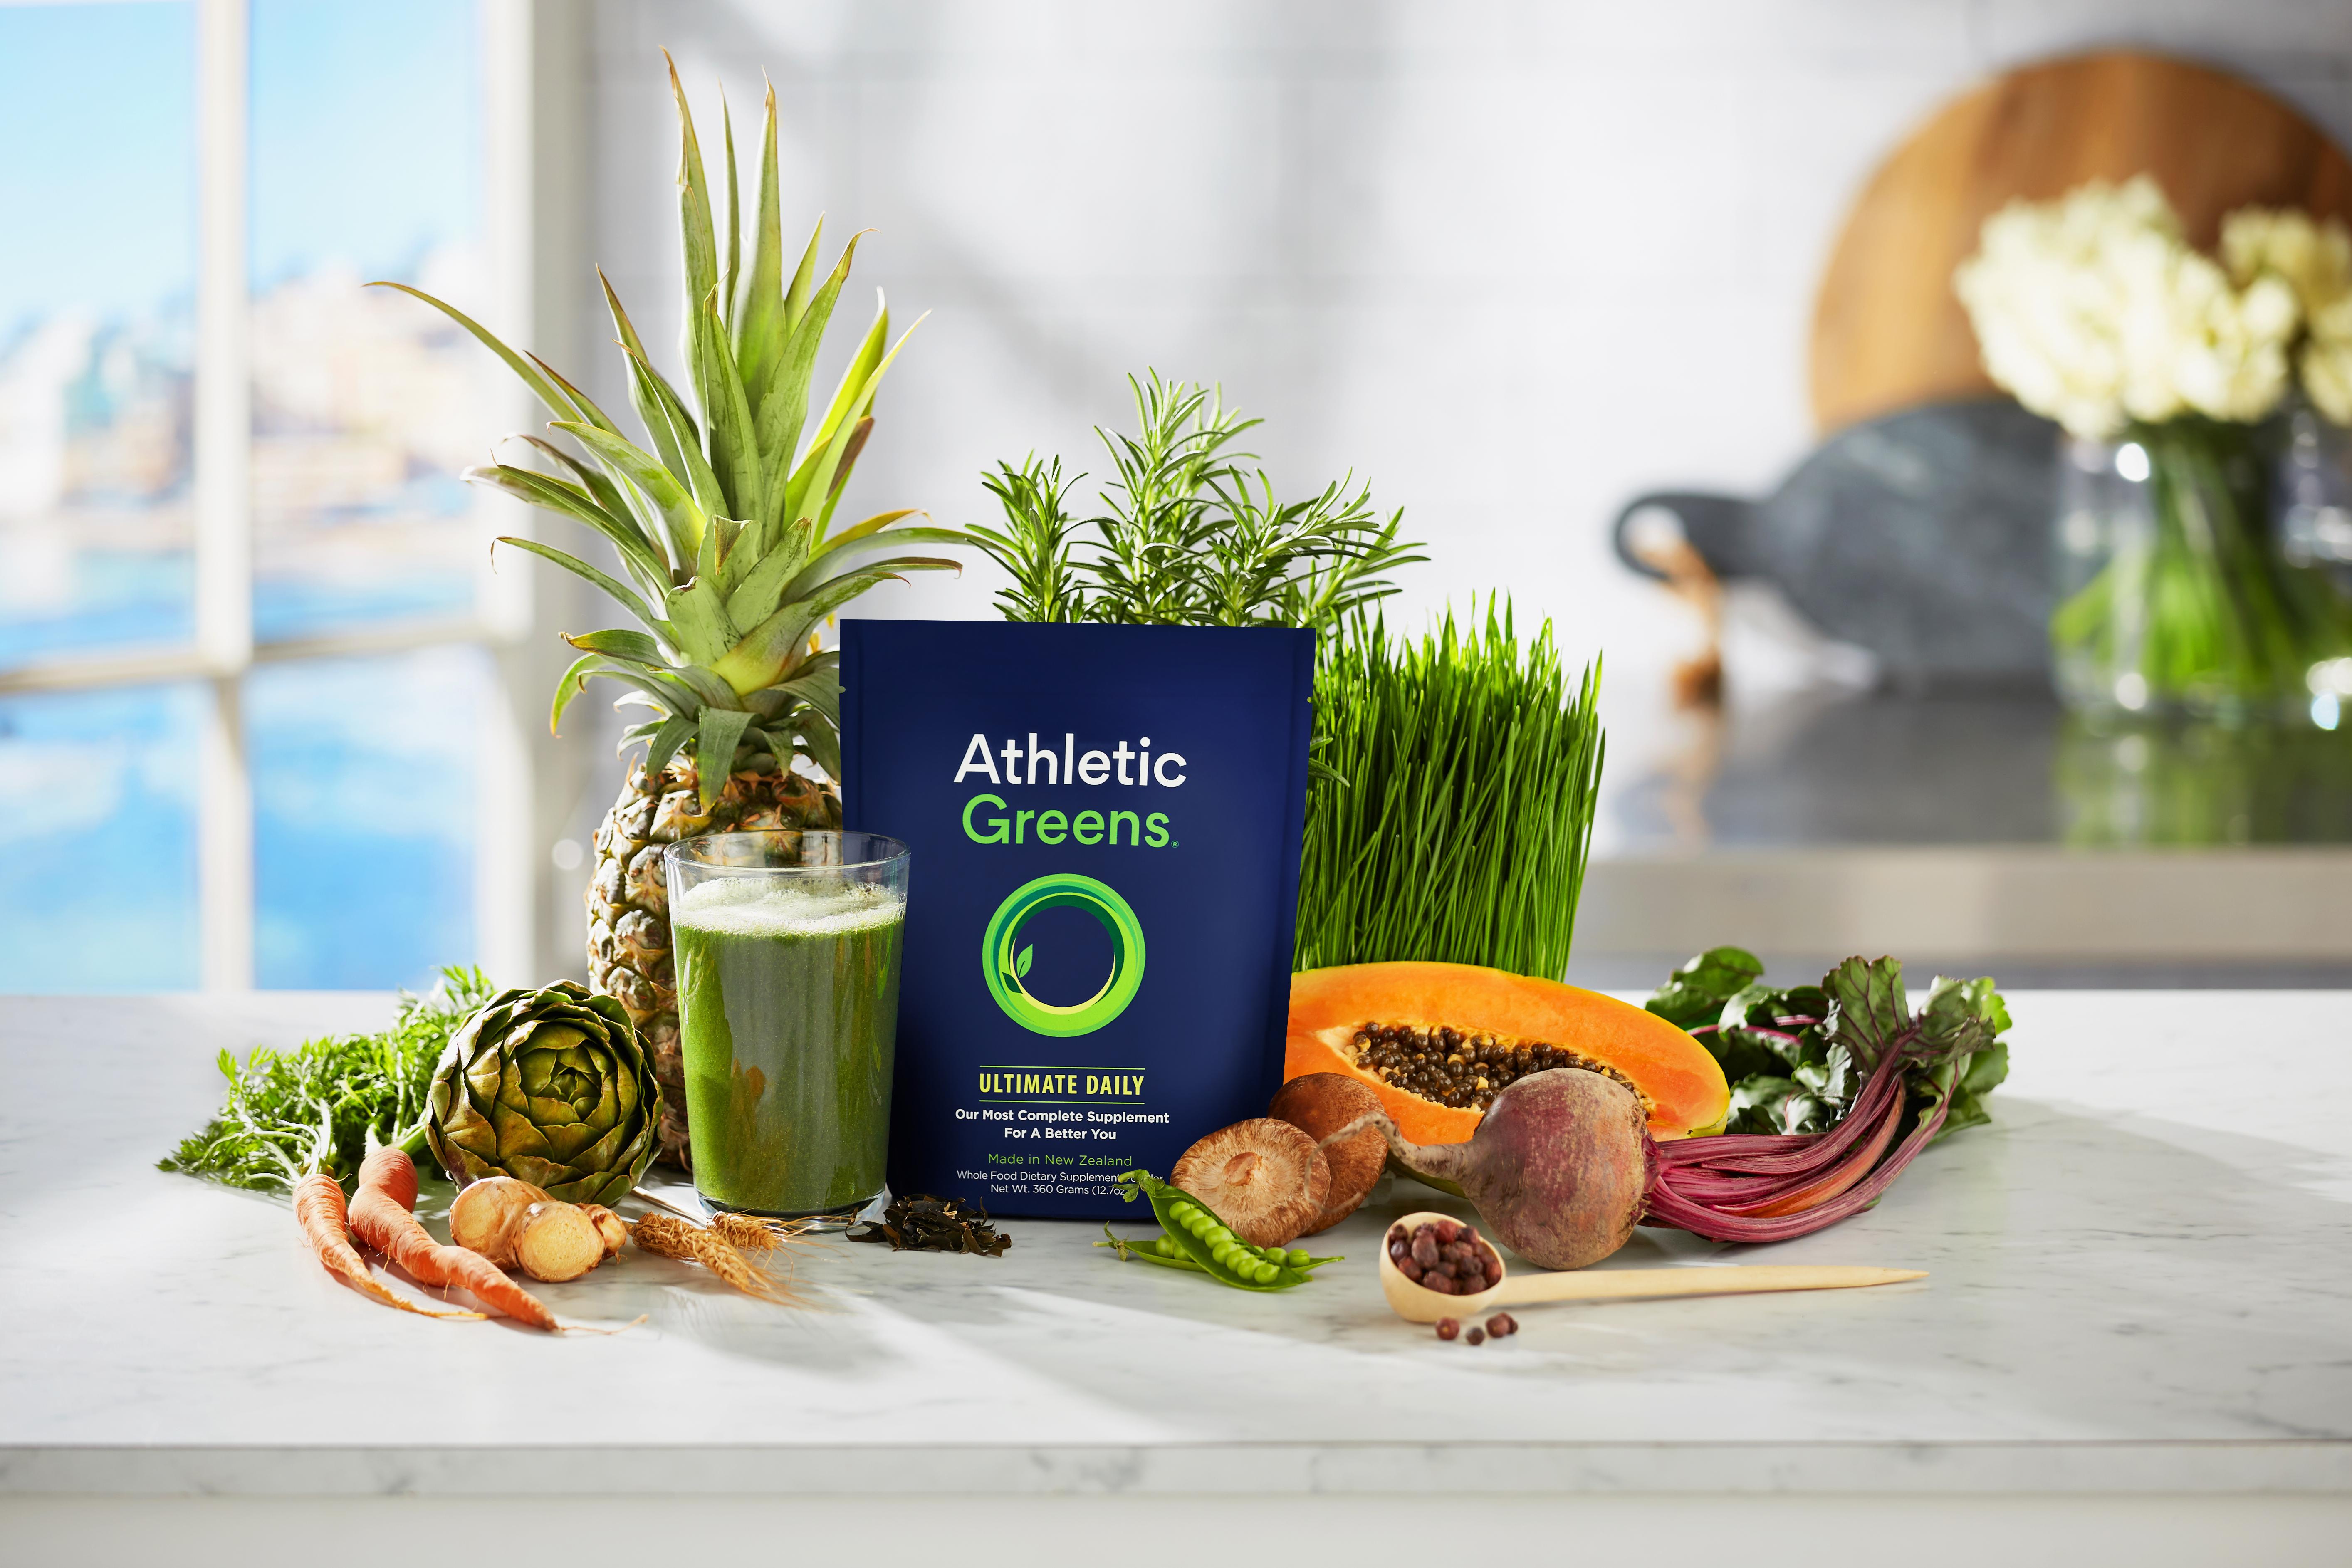 Athletic Greens Inhaltsstoffe | einfach-fit.de